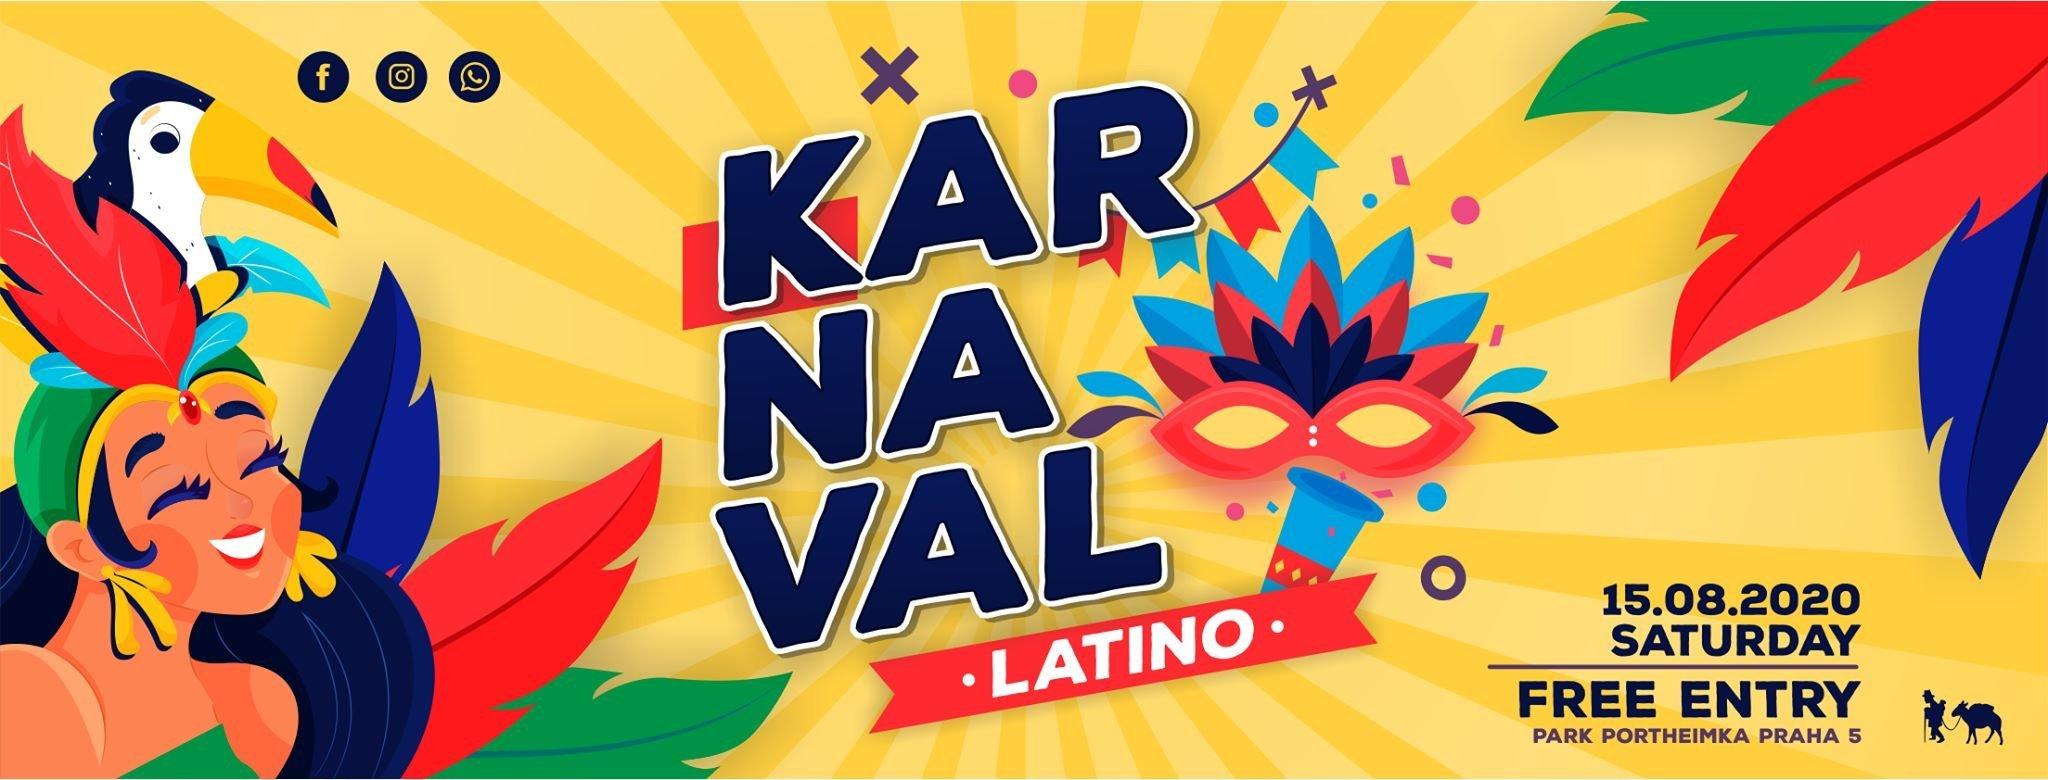 Karnaval Latino